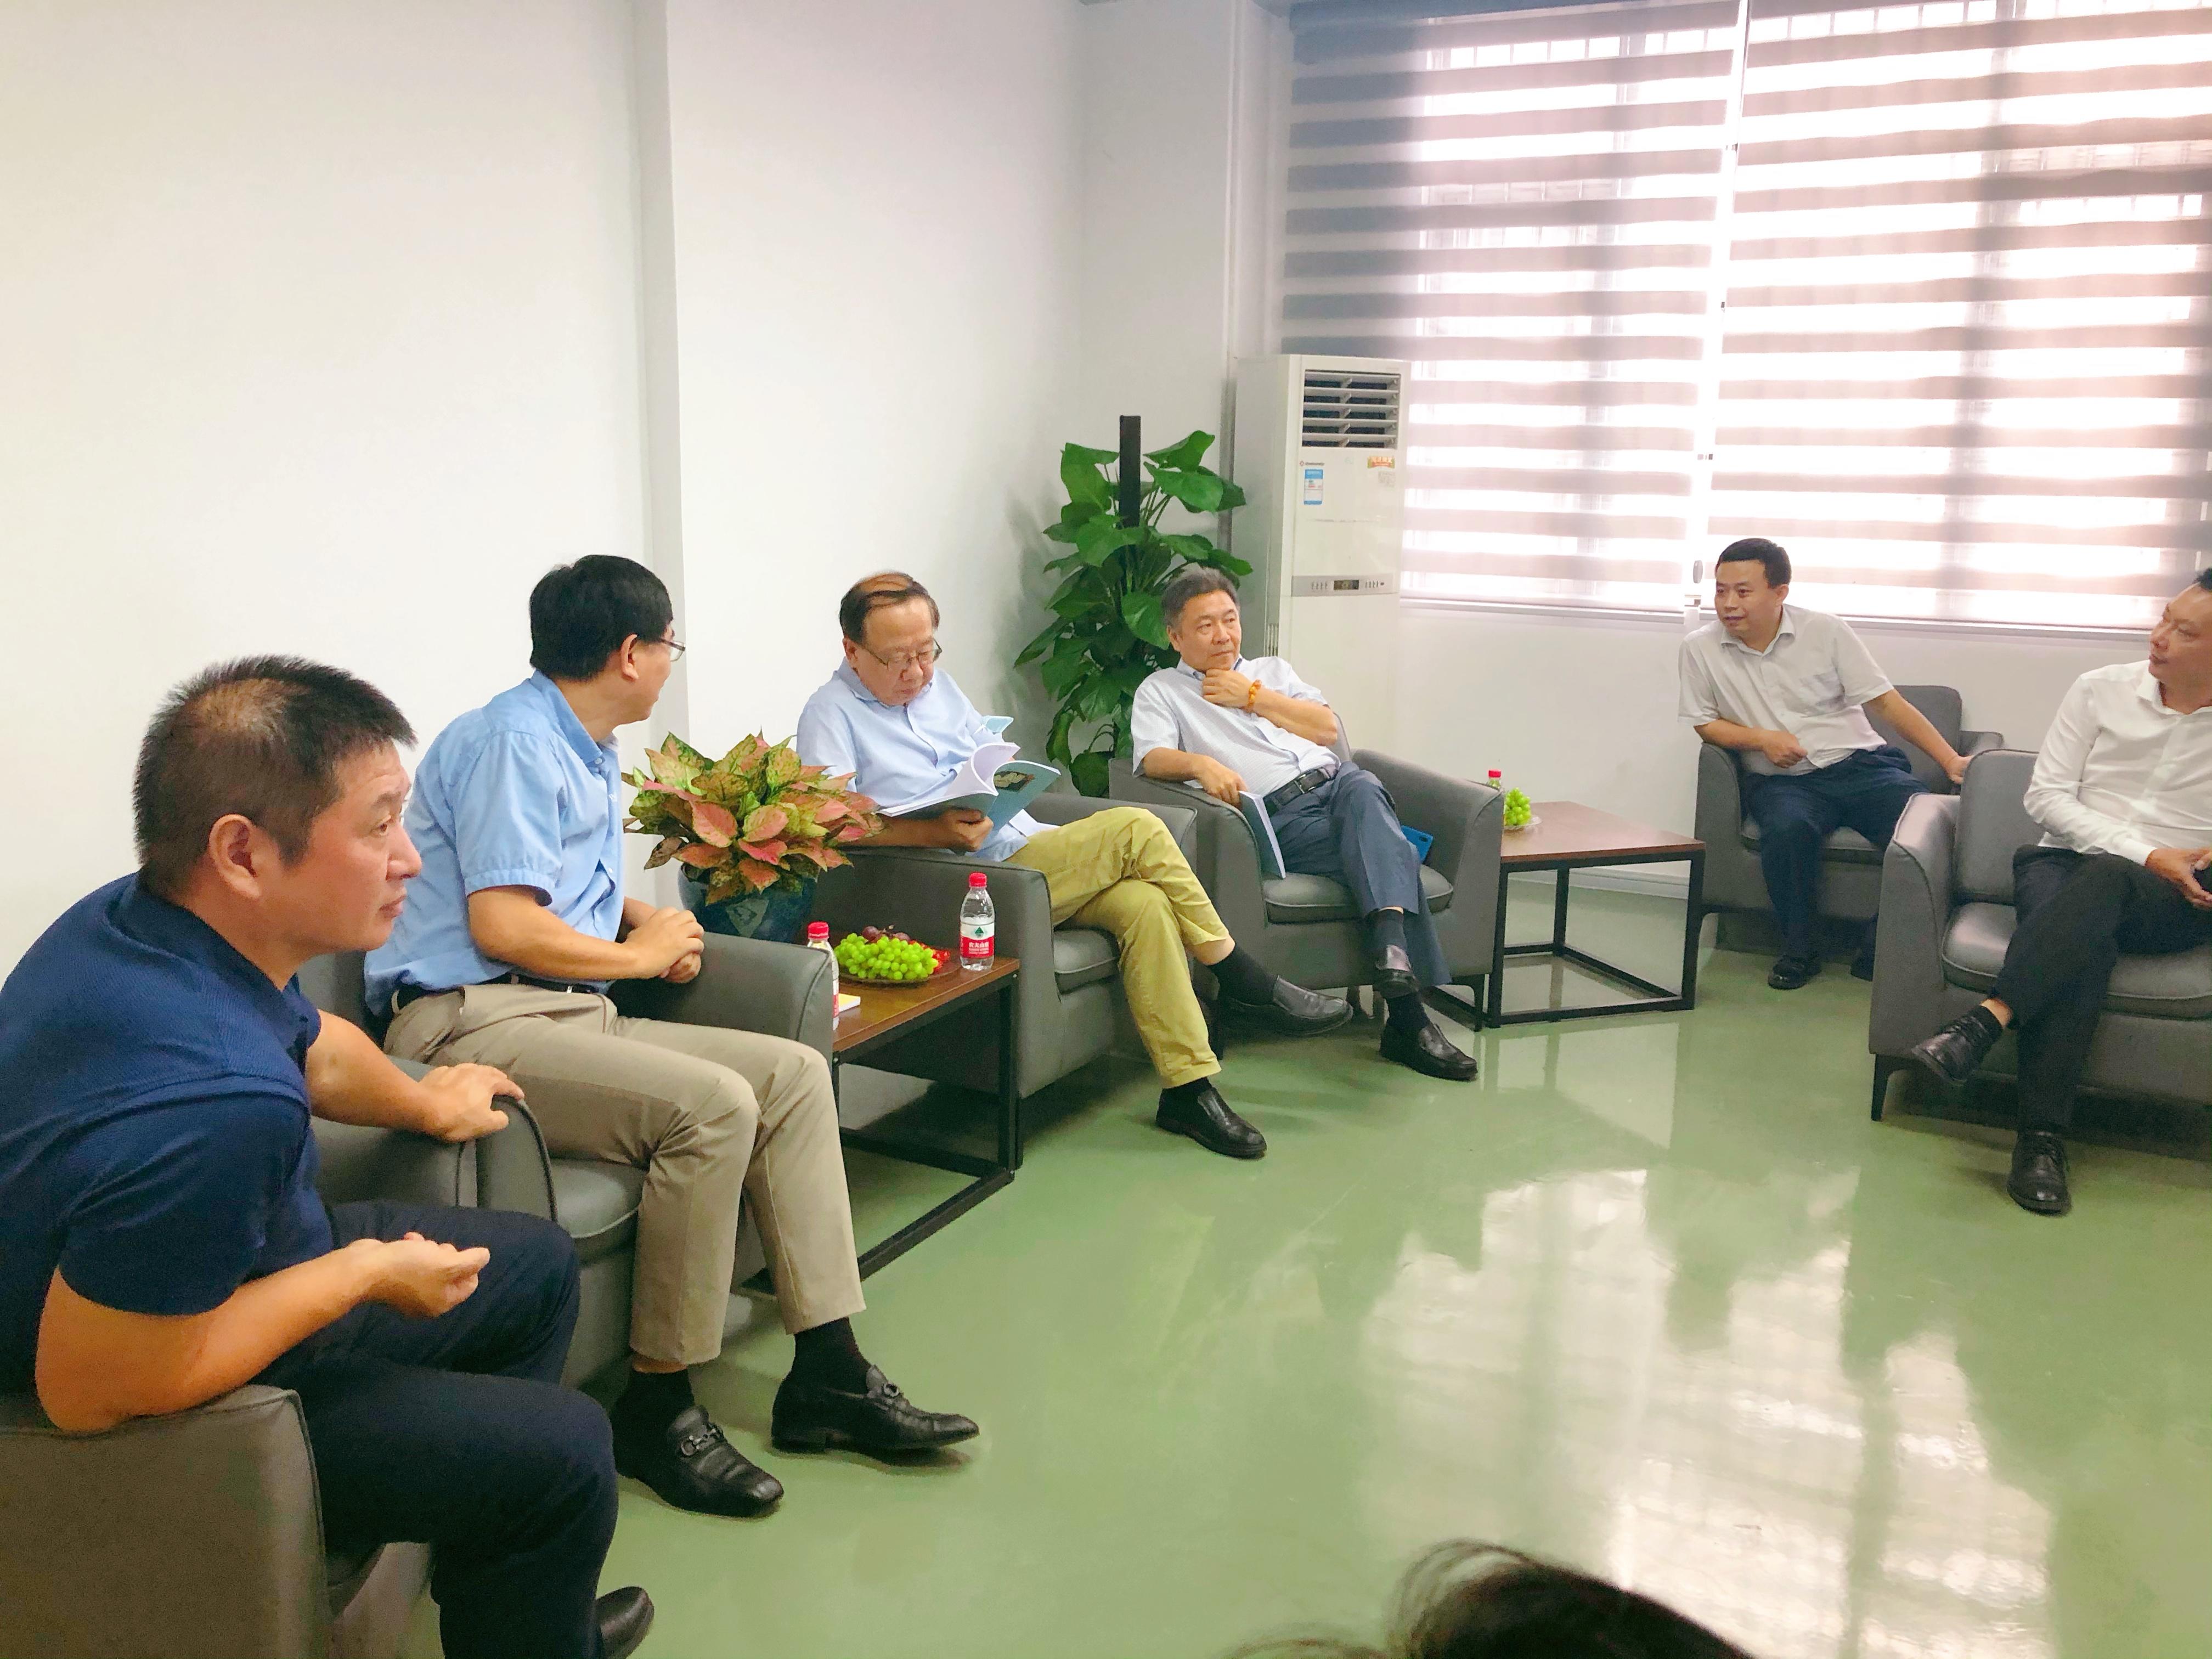 中国教育技术协会刘雍潜教授莅临国粒教育指导工作 